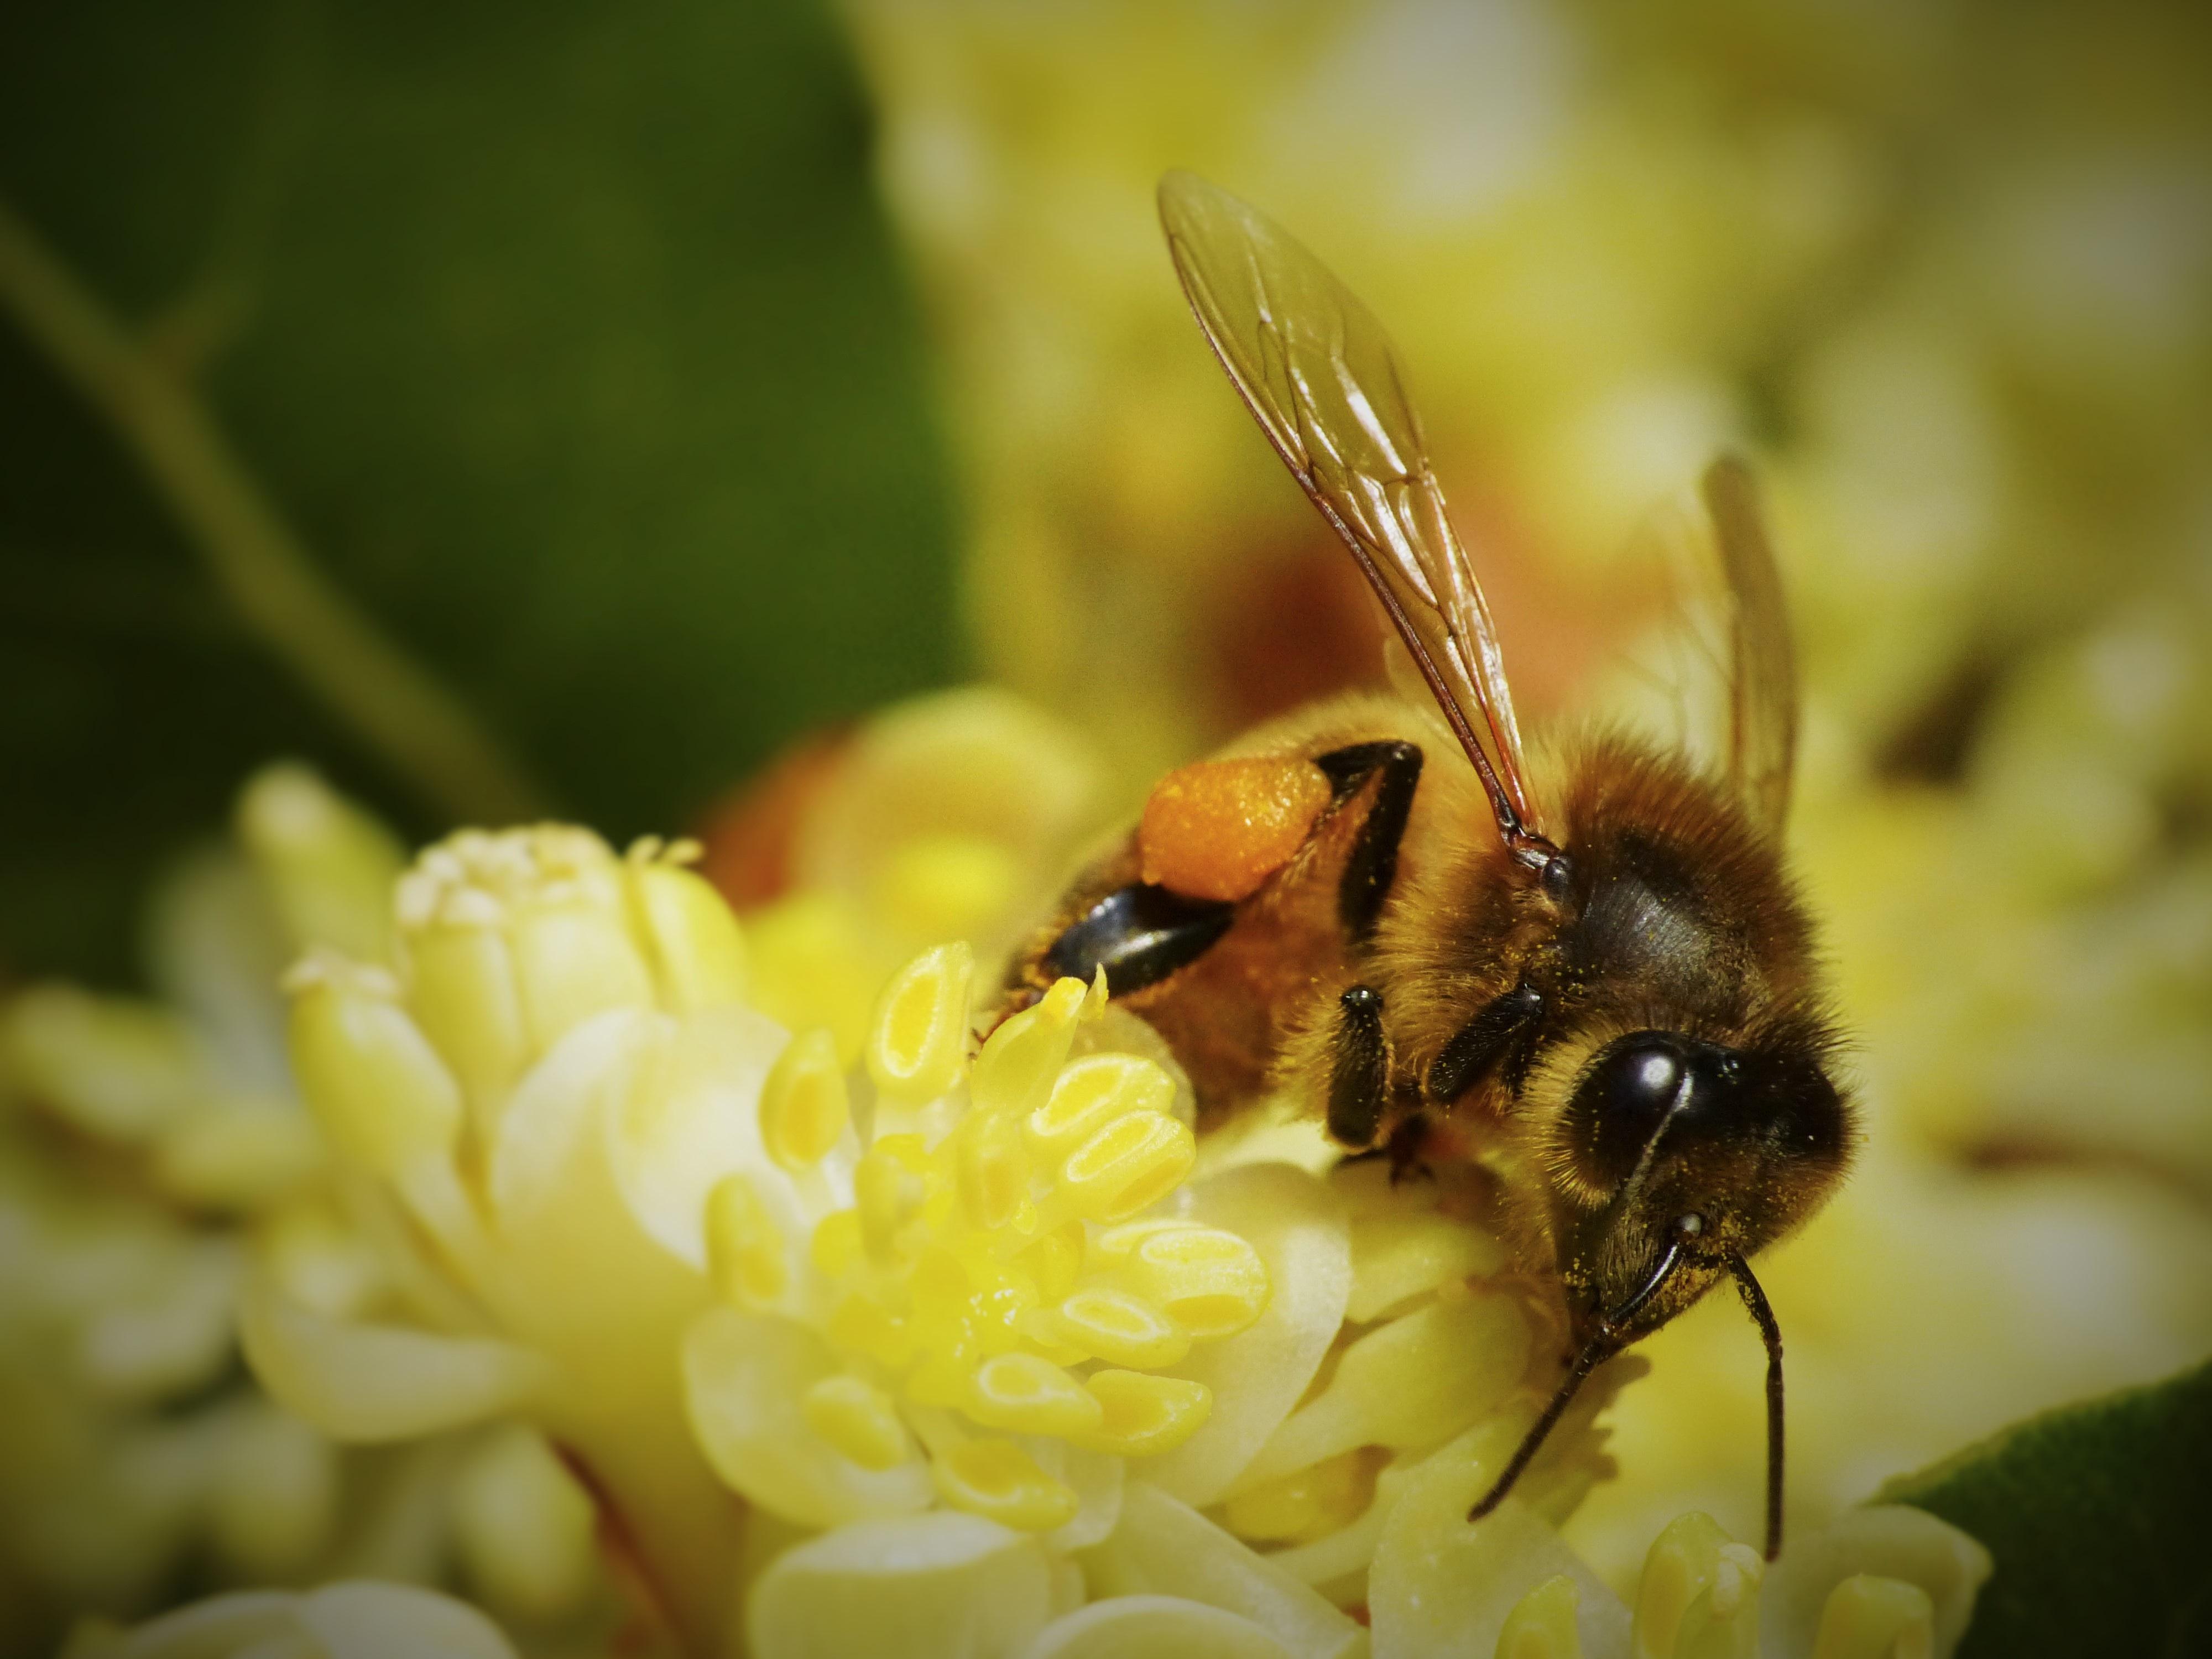 какие русская пчела картинки связано